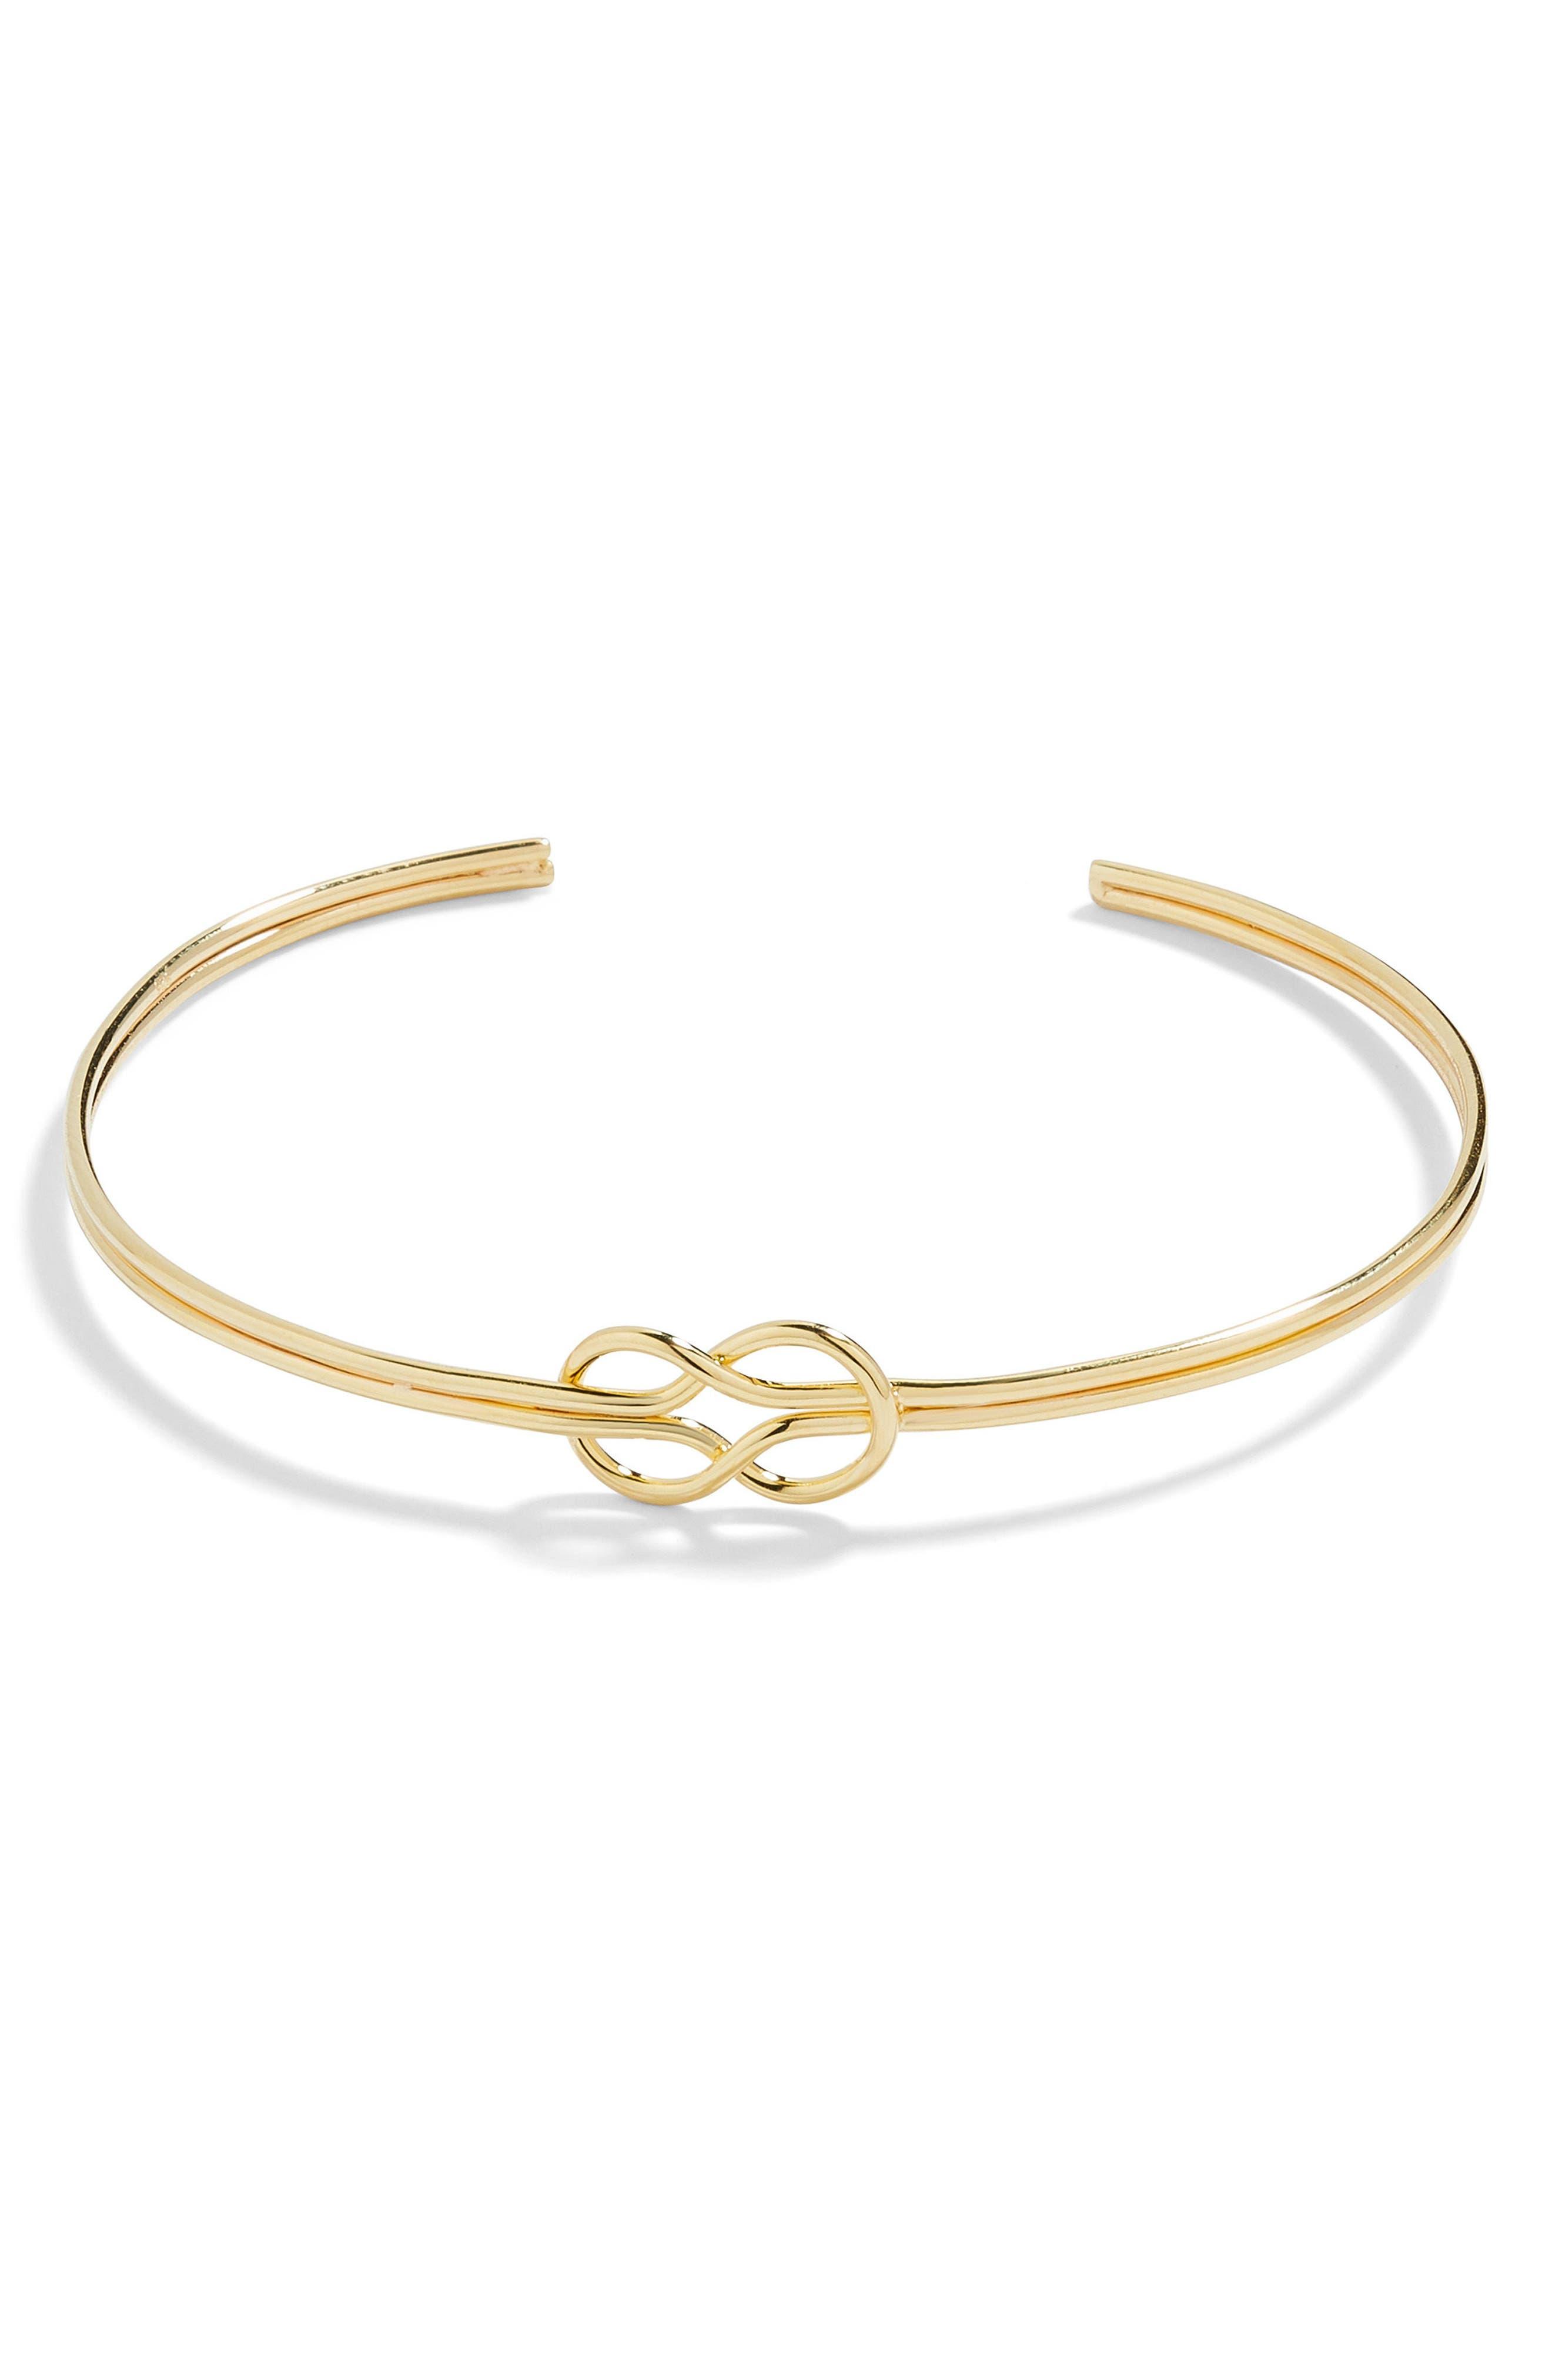 Knot Cuff Bracelet,                             Main thumbnail 1, color,                             710